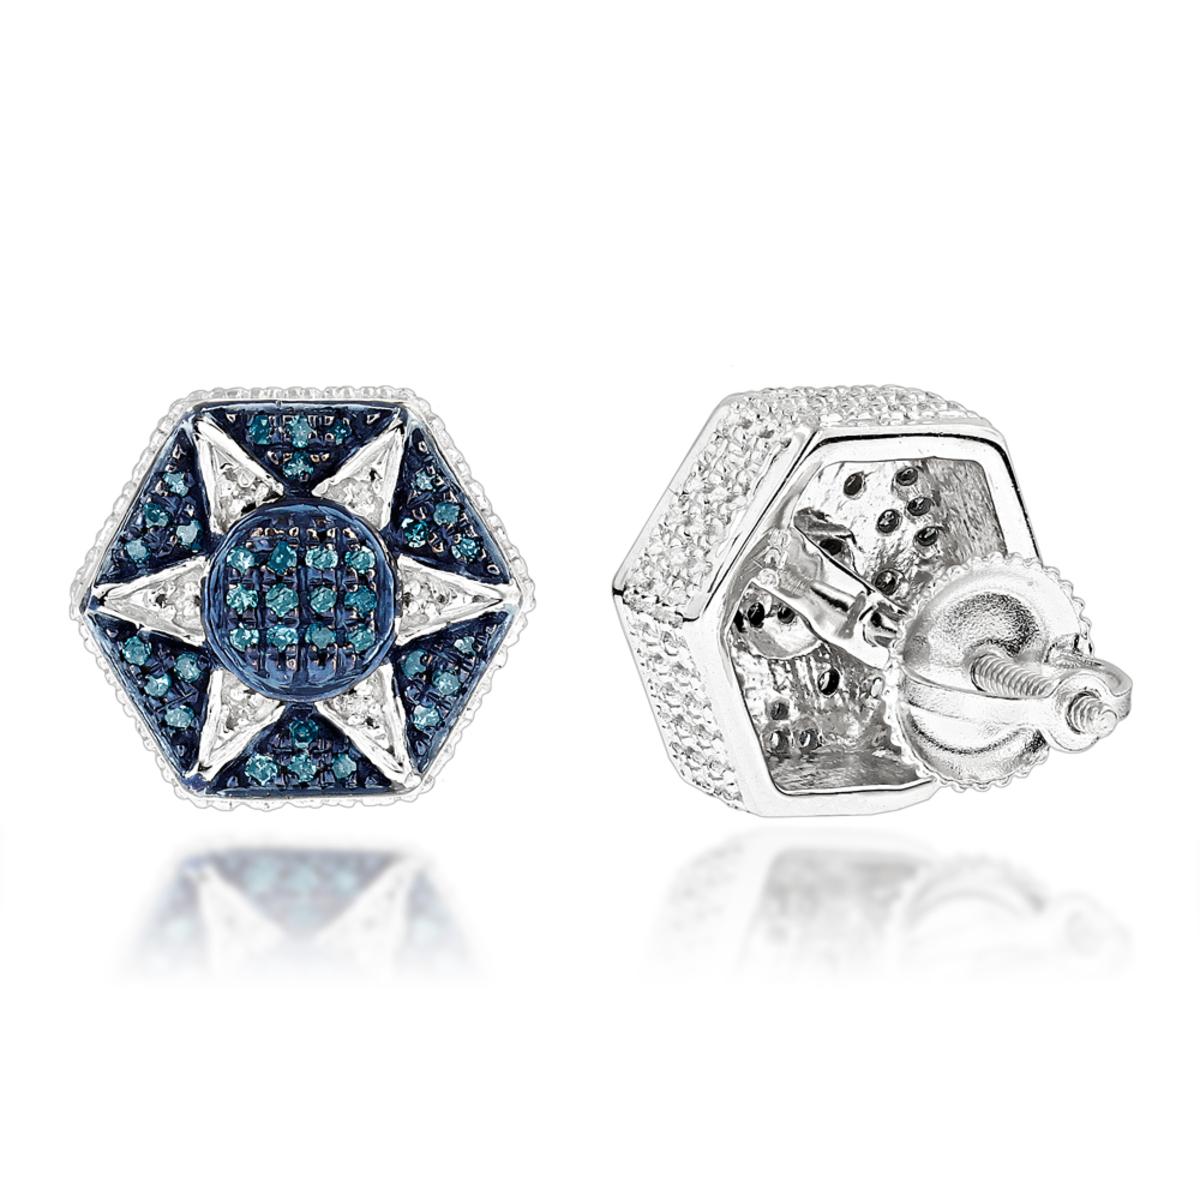 Blue Diamond Star Earrings 0.3ct Sterling Silver